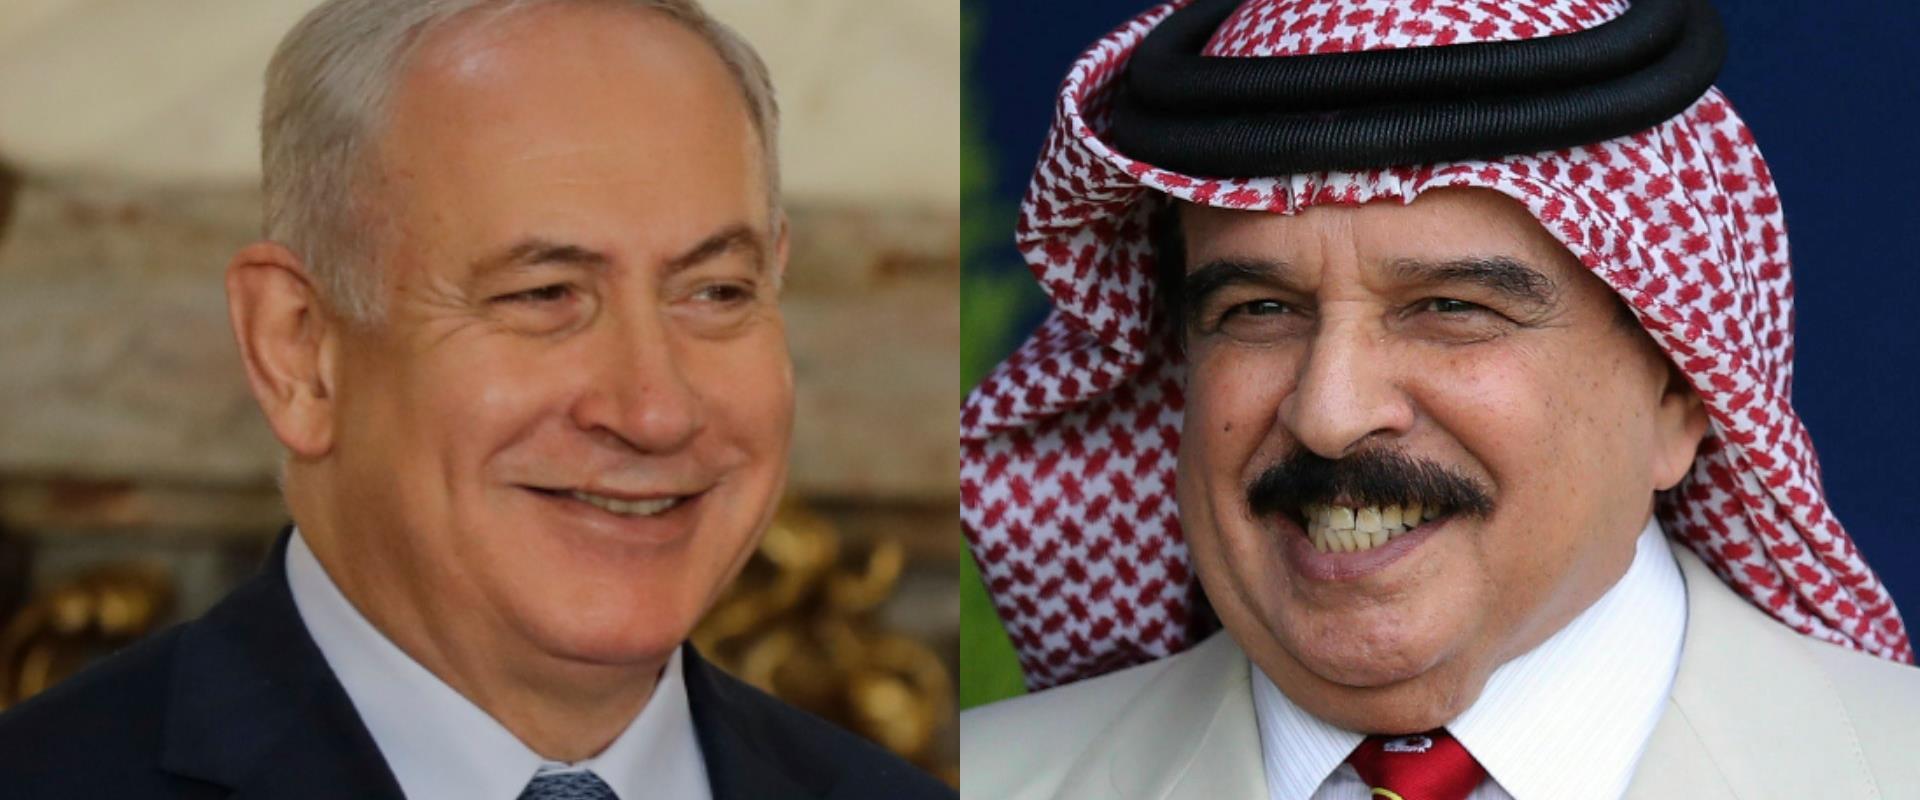 הנסיך סלמאן בן חמד אל ח'ליפה, ראש הממשלה נתניה